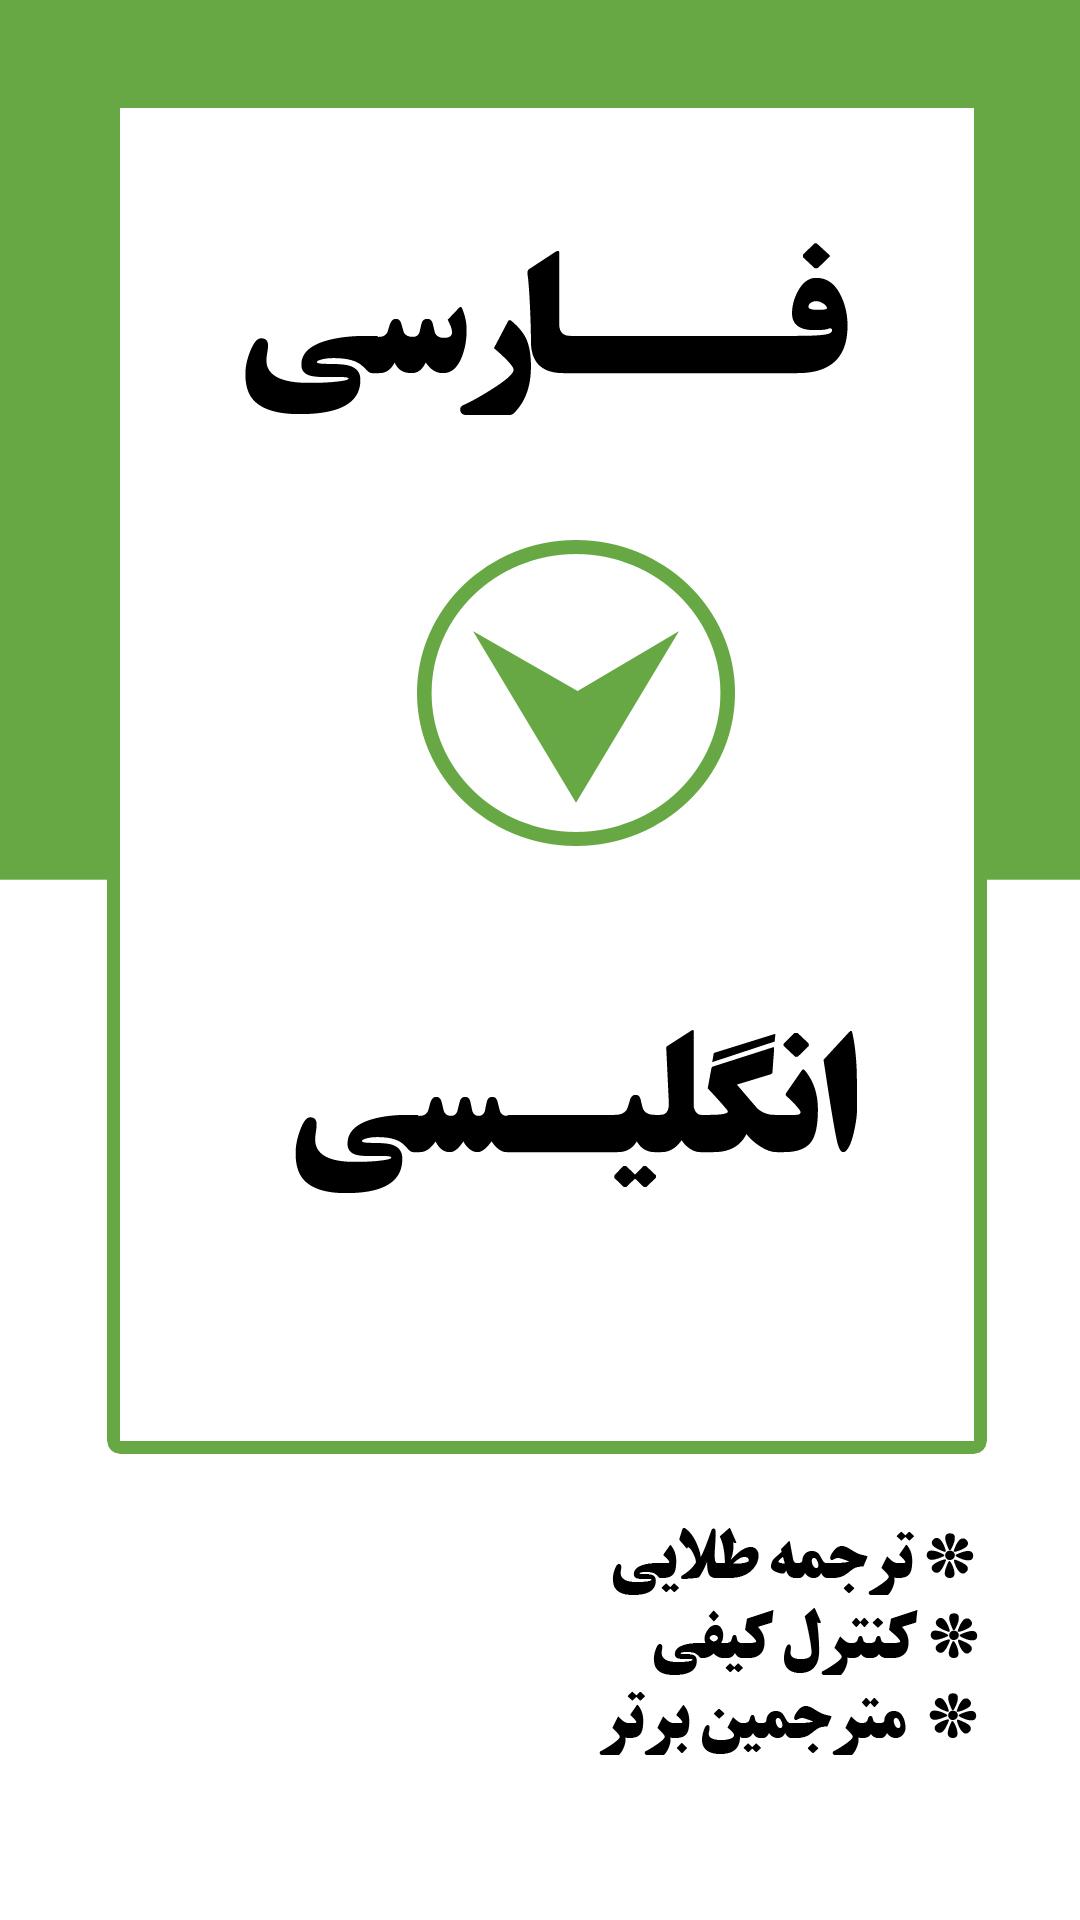 فارسی به انگلیسی